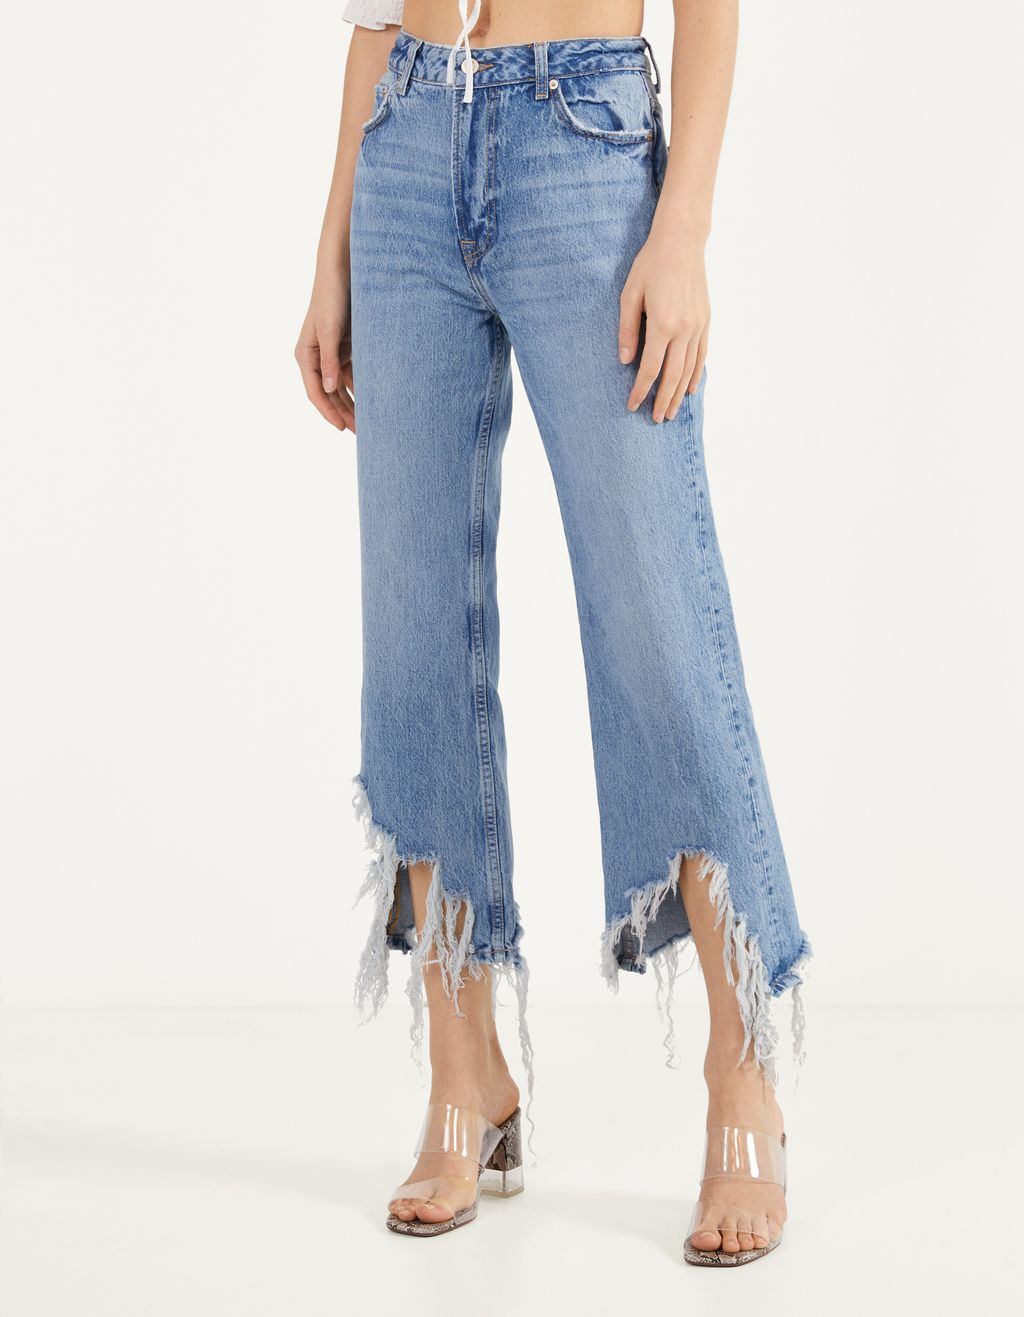 Jeans Kick Flare con bajo desflecado